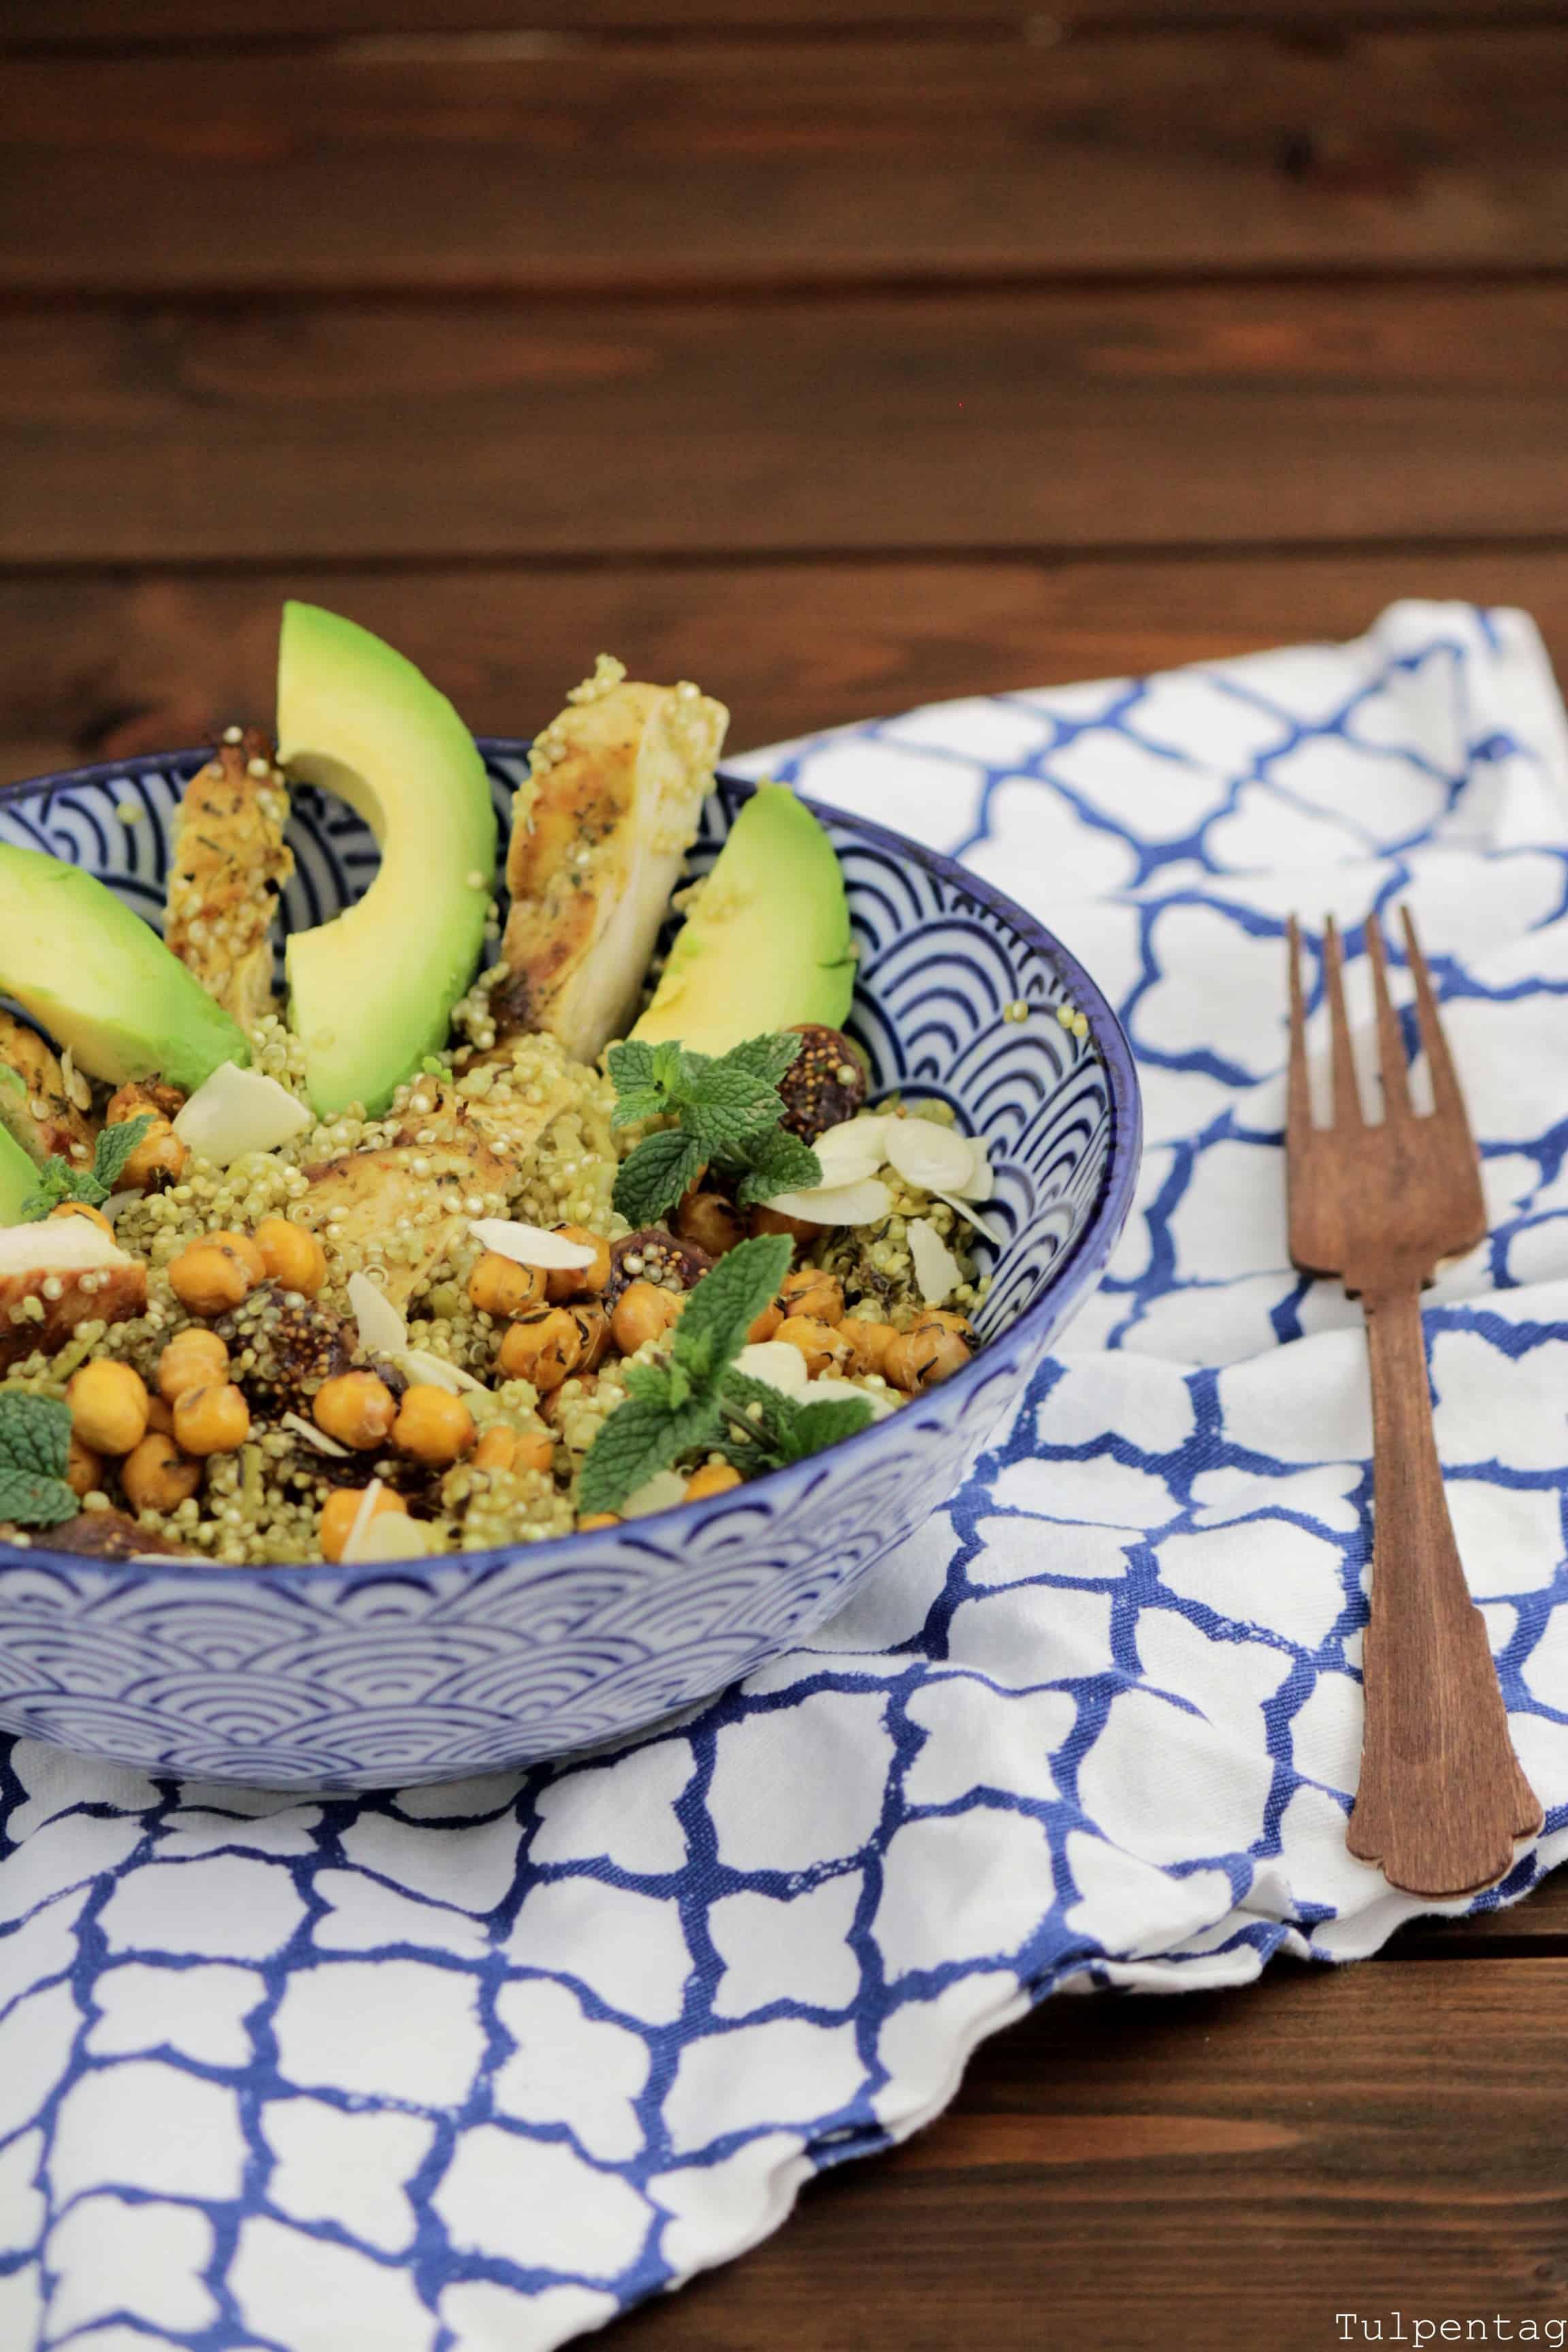 Quinoa-Salat mit Hähnchen, Kichererbsen und Feigen. Sommerlich, frisch und aromatisch.